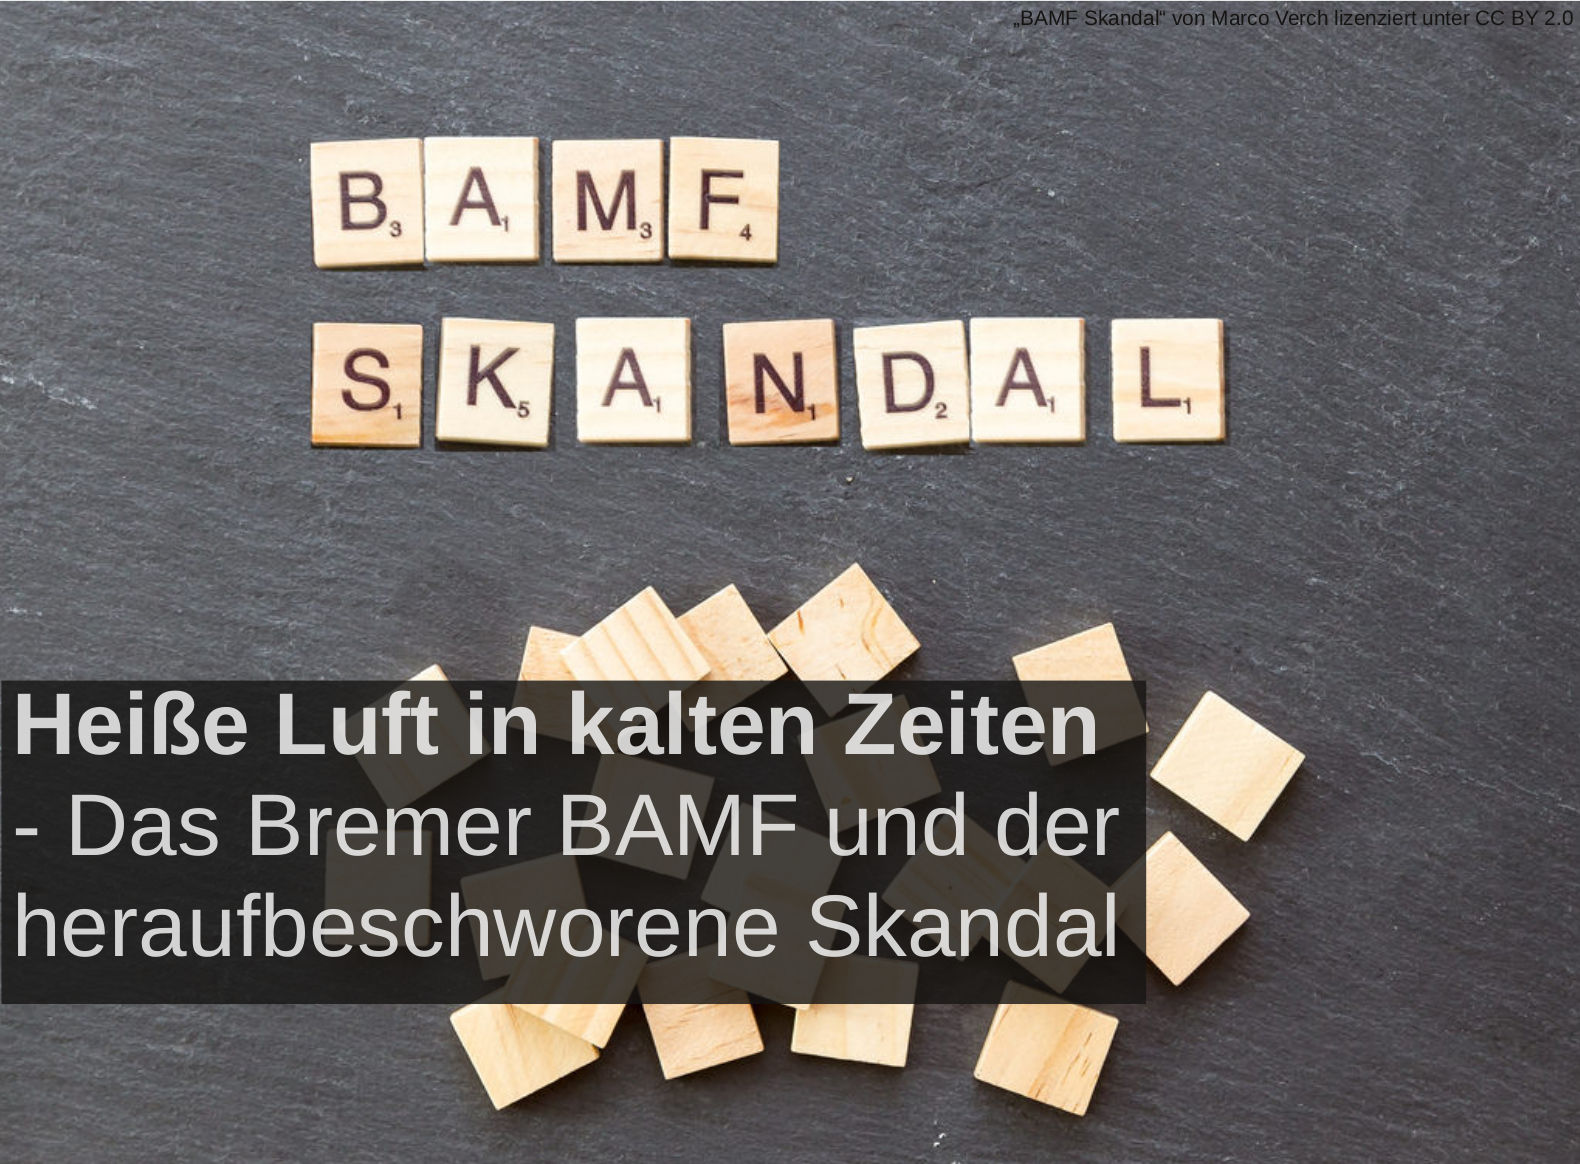 Heiße Luft in kalten Zeiten – Das Bremer BAMF und der heraufbeschworene Skandal